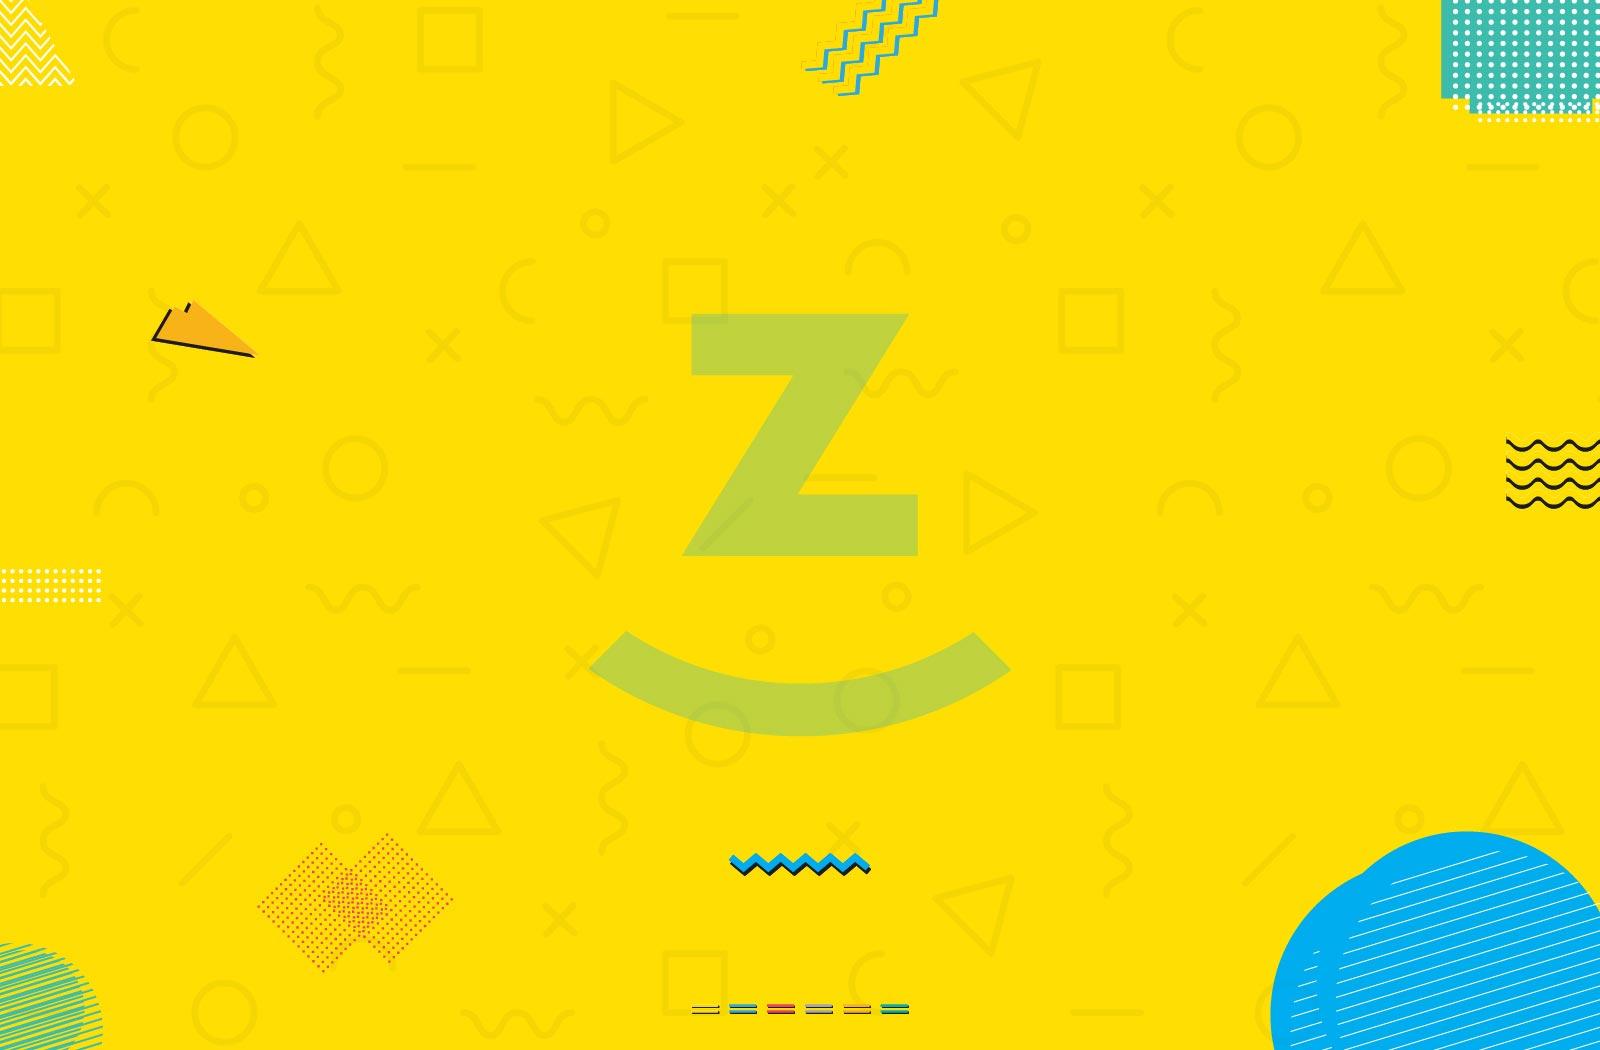 Zolo Principles